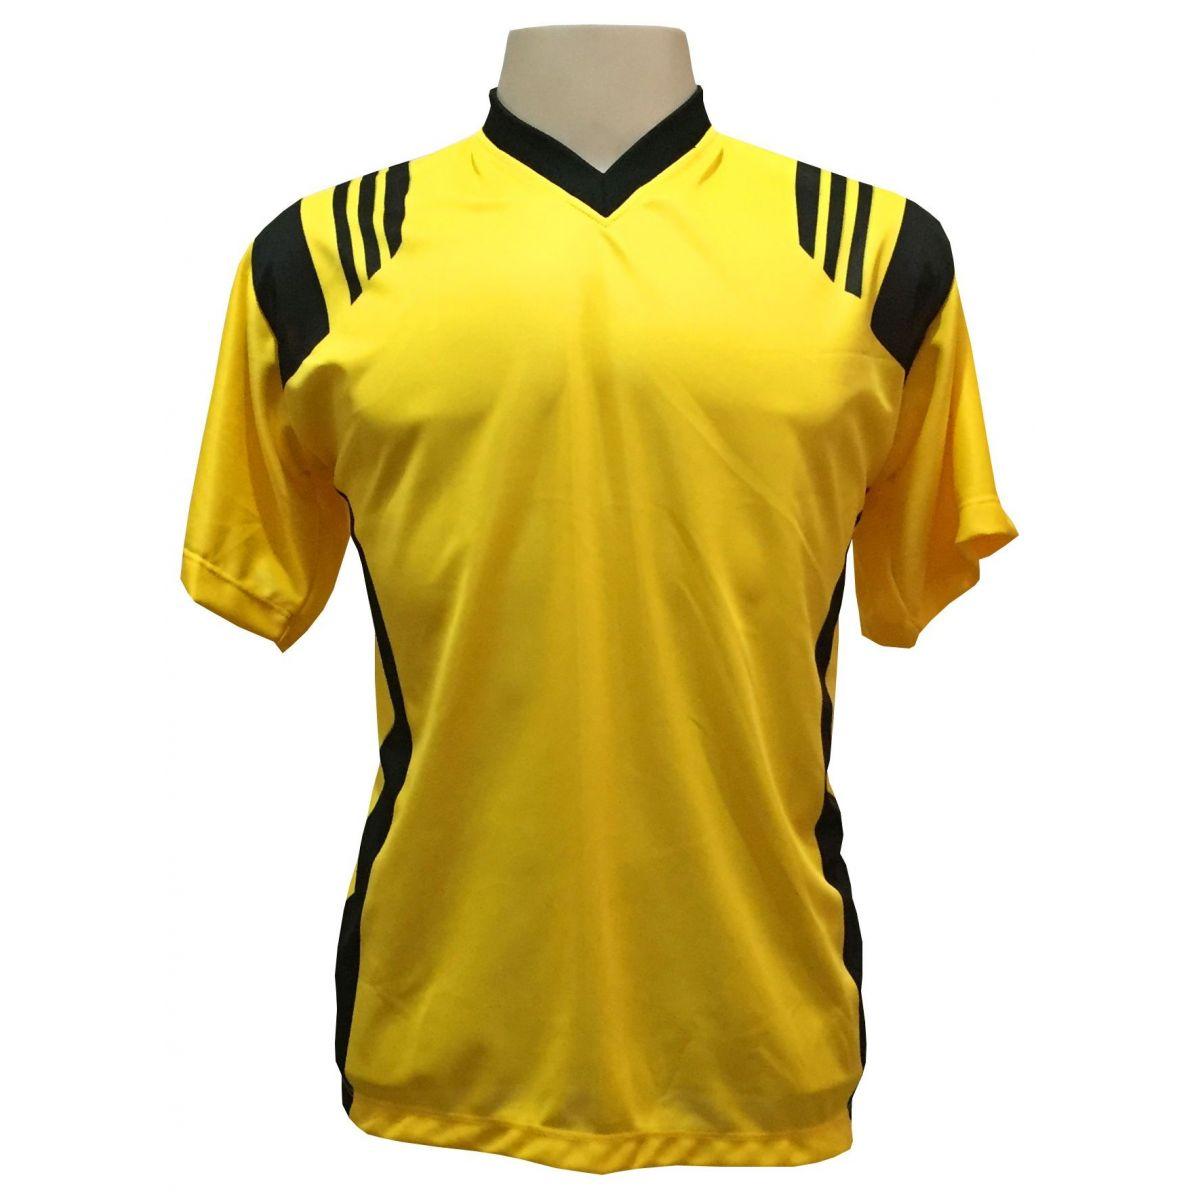 Uniforme Esportivo com 18 camisas modelo Roma Amarelo/Preto + 18 calções modelo Copa Preto/Amarelo + Brindes